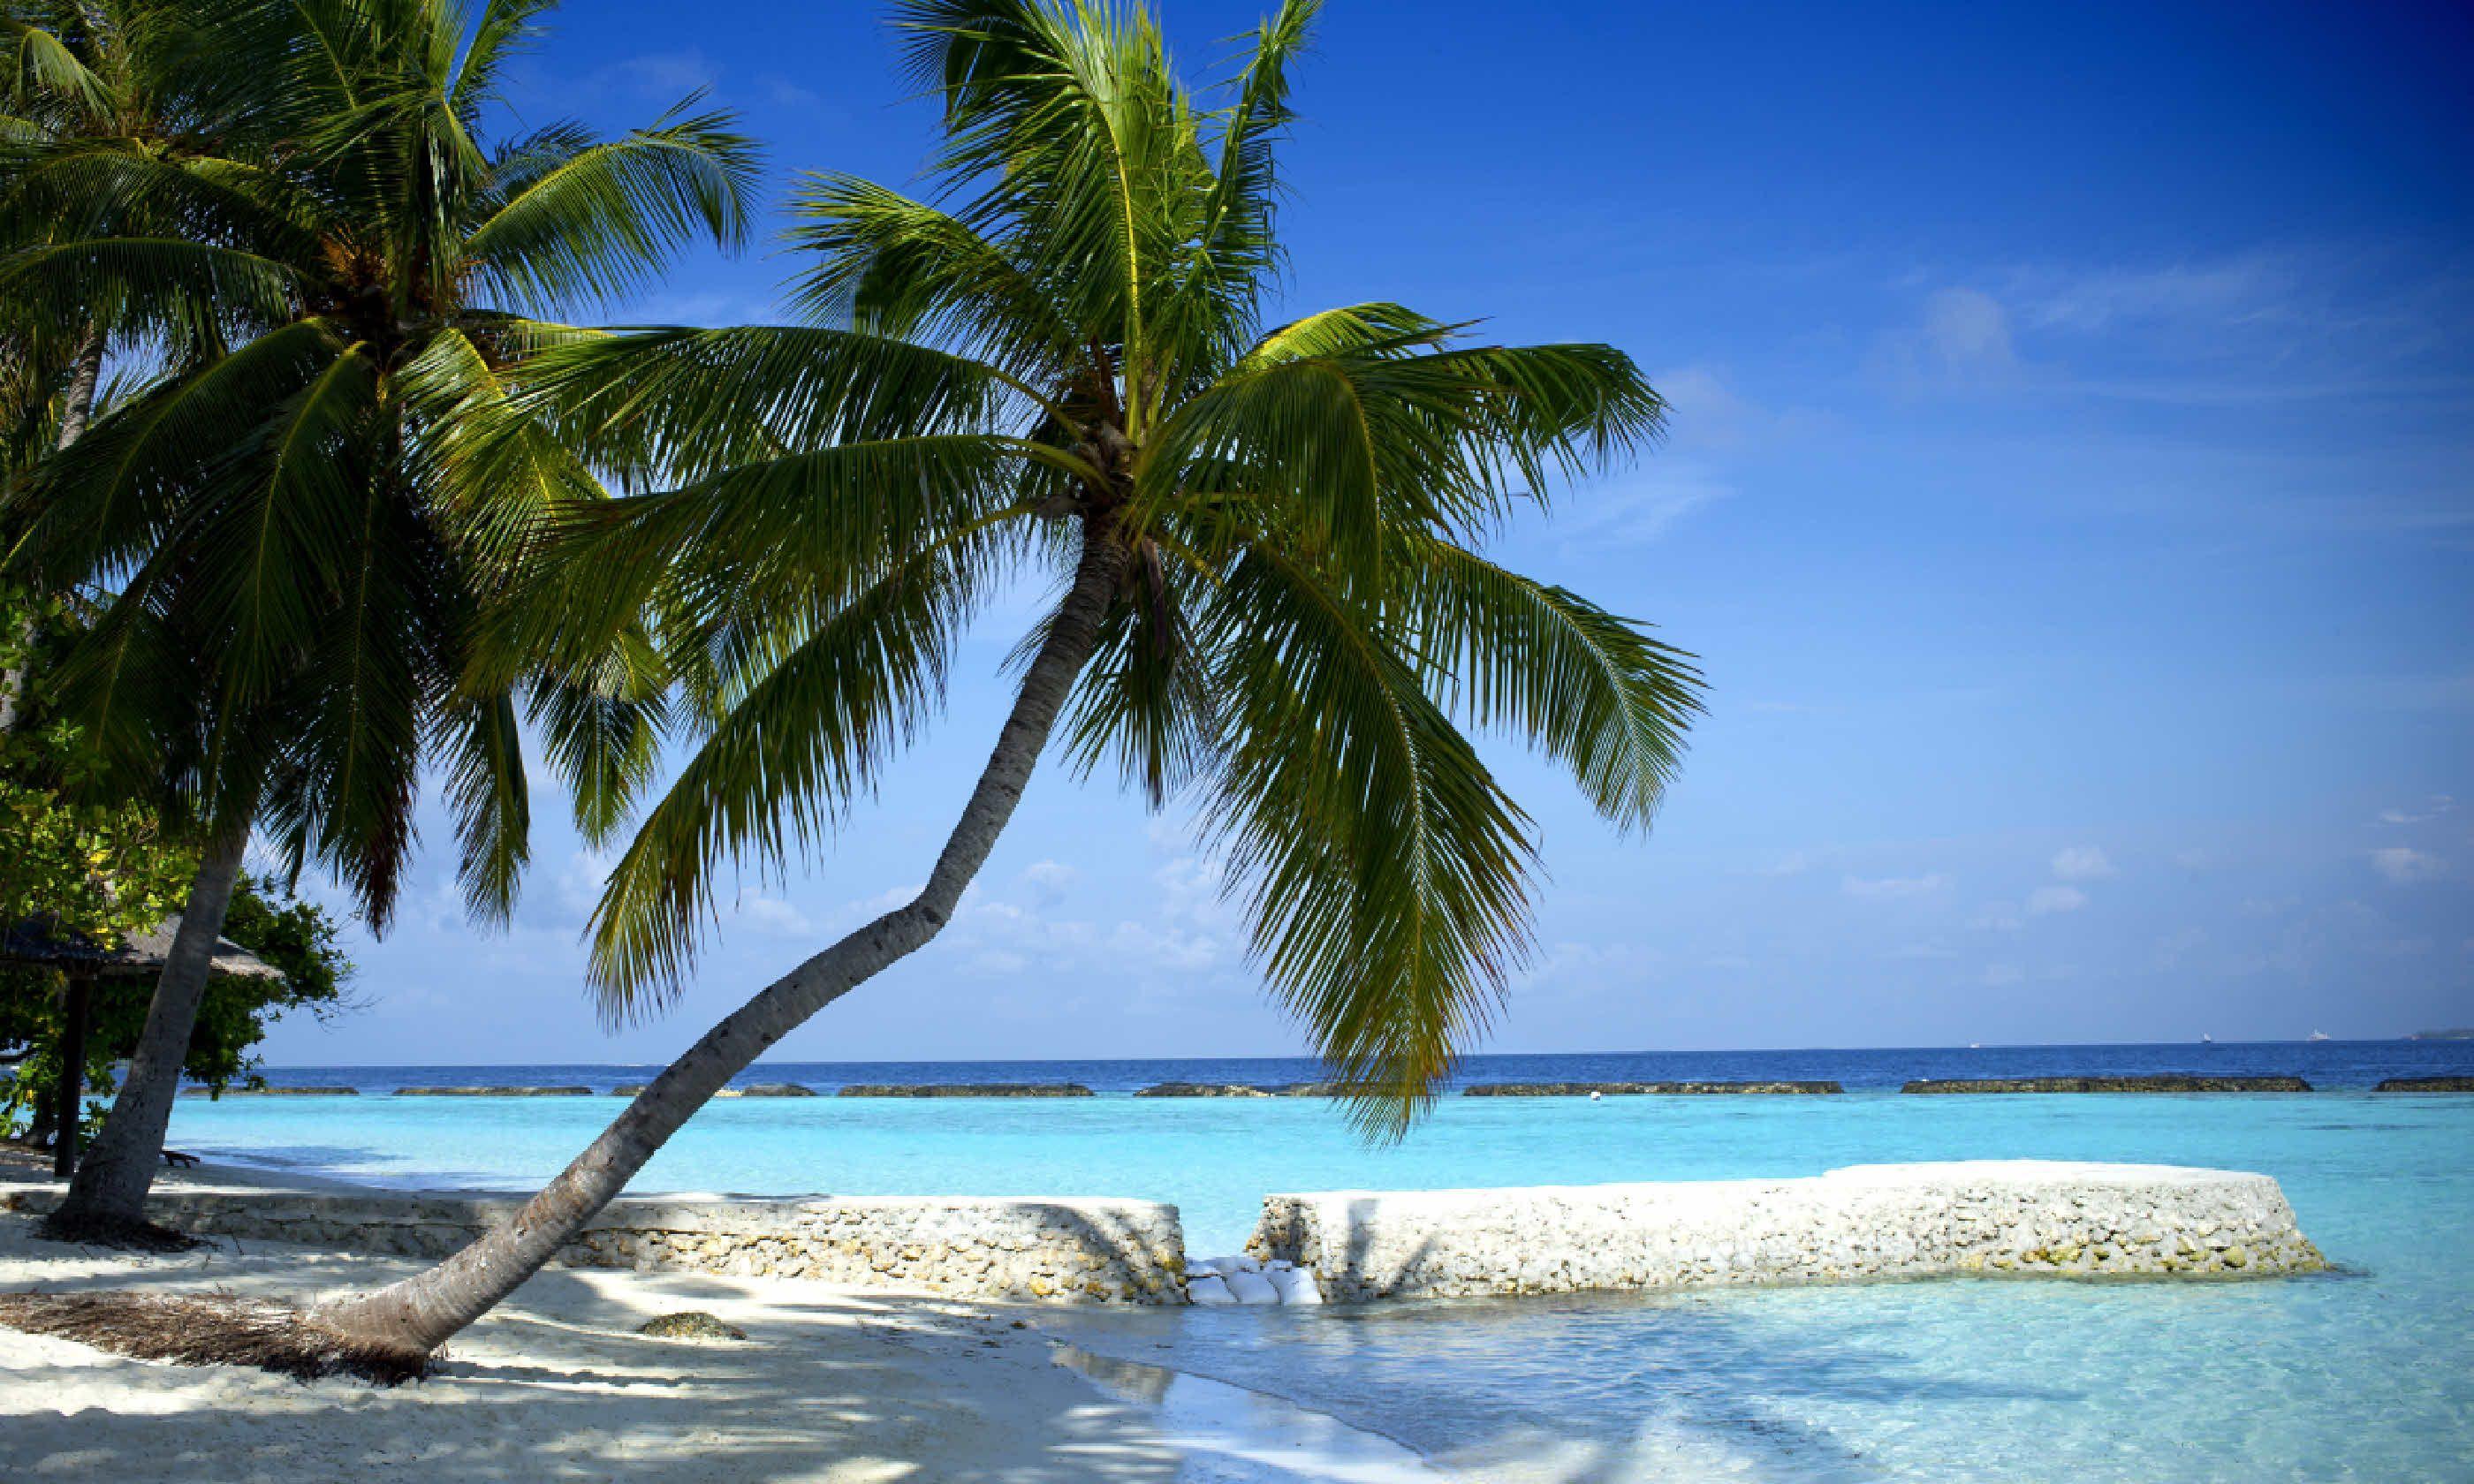 Beautiful beach in the Maldives (Shutterstock)